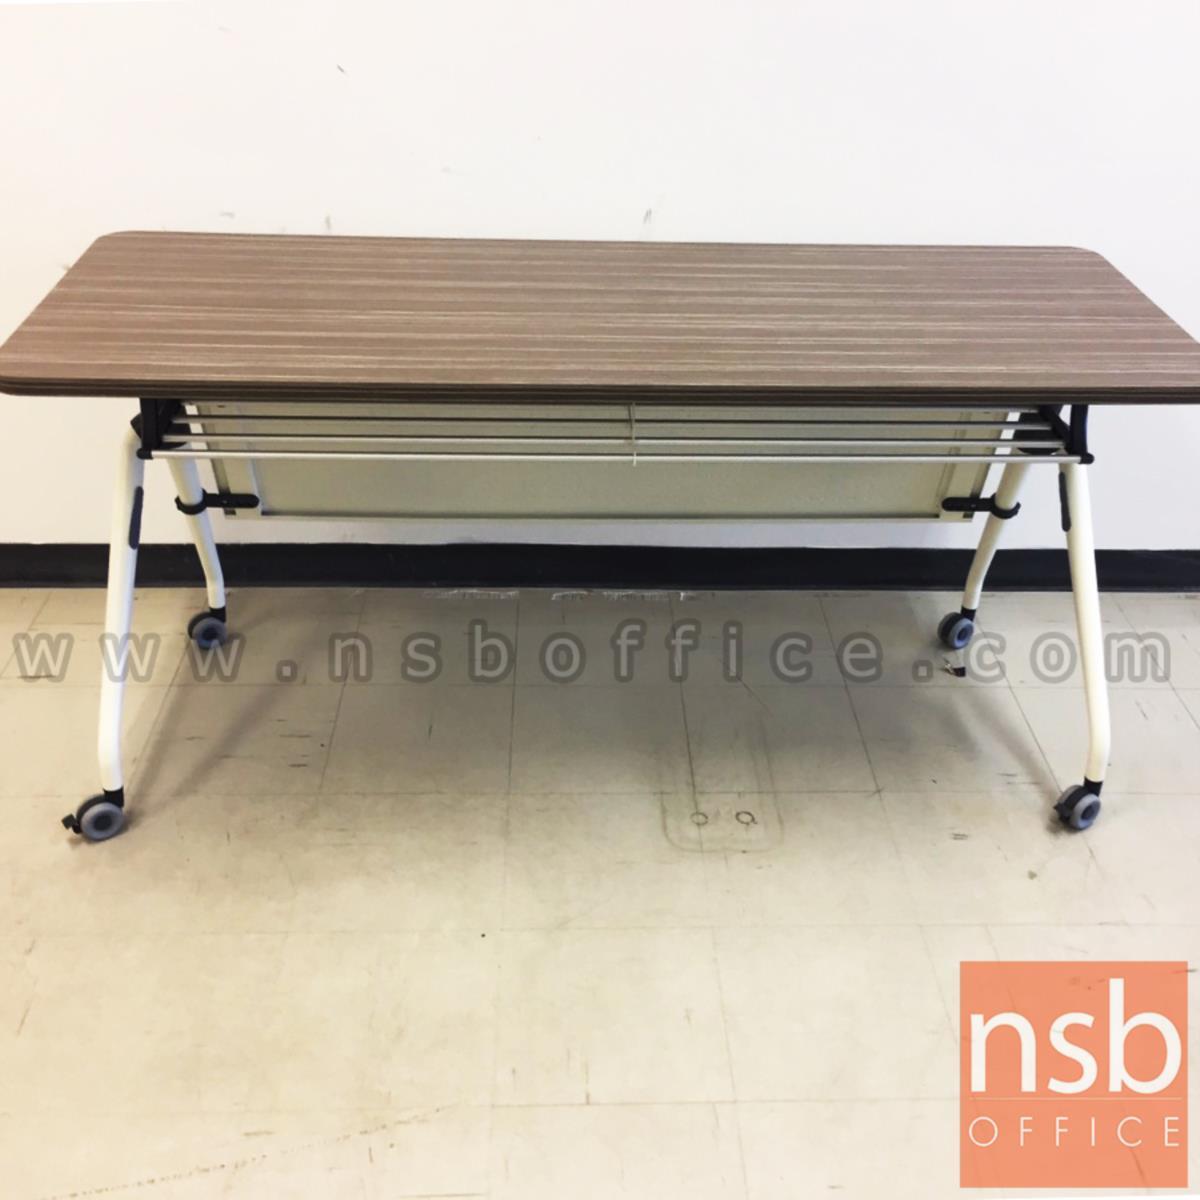 โต๊ะประชุมพับเก็บได้ล้อเลื่อน รุ่น TY-860 ขนาด 160W ,180W*(60D, 80D) cm.  พร้อมบังโป๊และตะแกรงวางของ